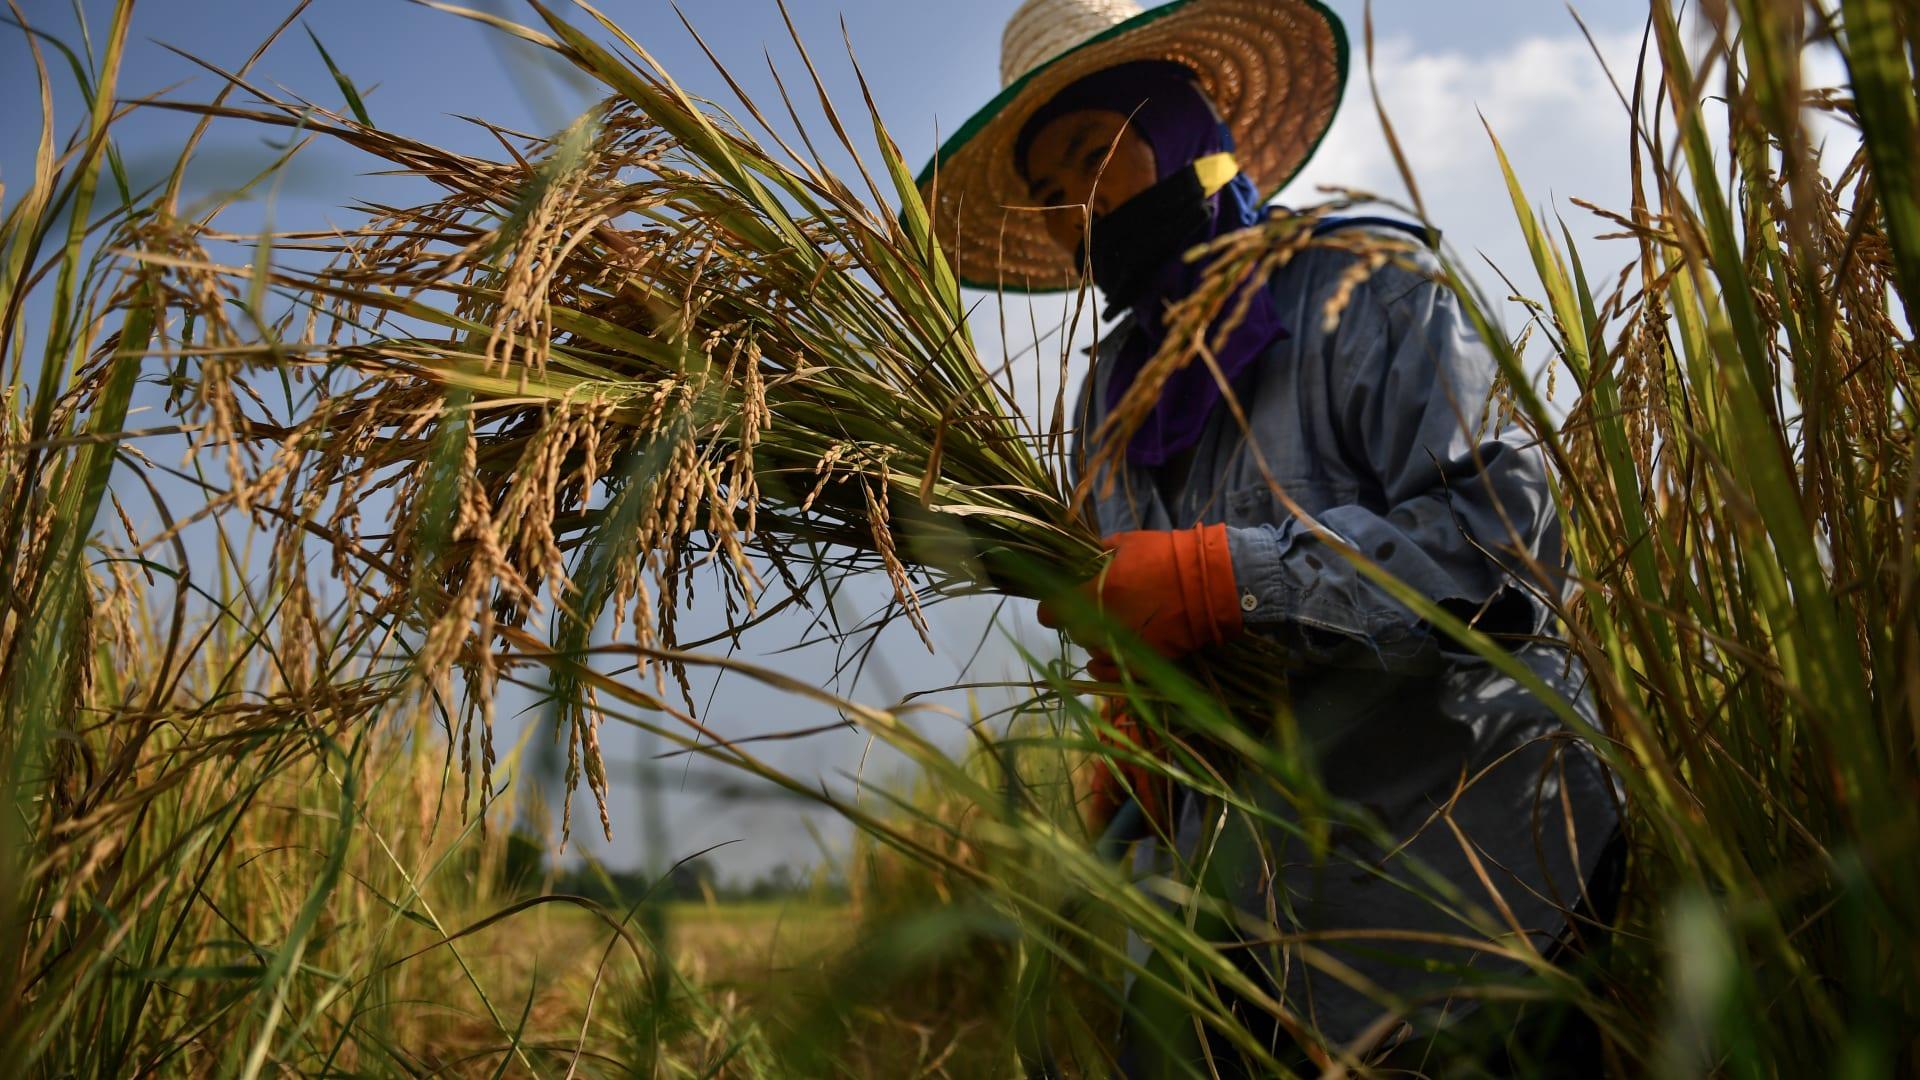 منذ بداية جائحة كورونا.. ما هو المنتج الزراعي الذي لم ينخفض سعره؟